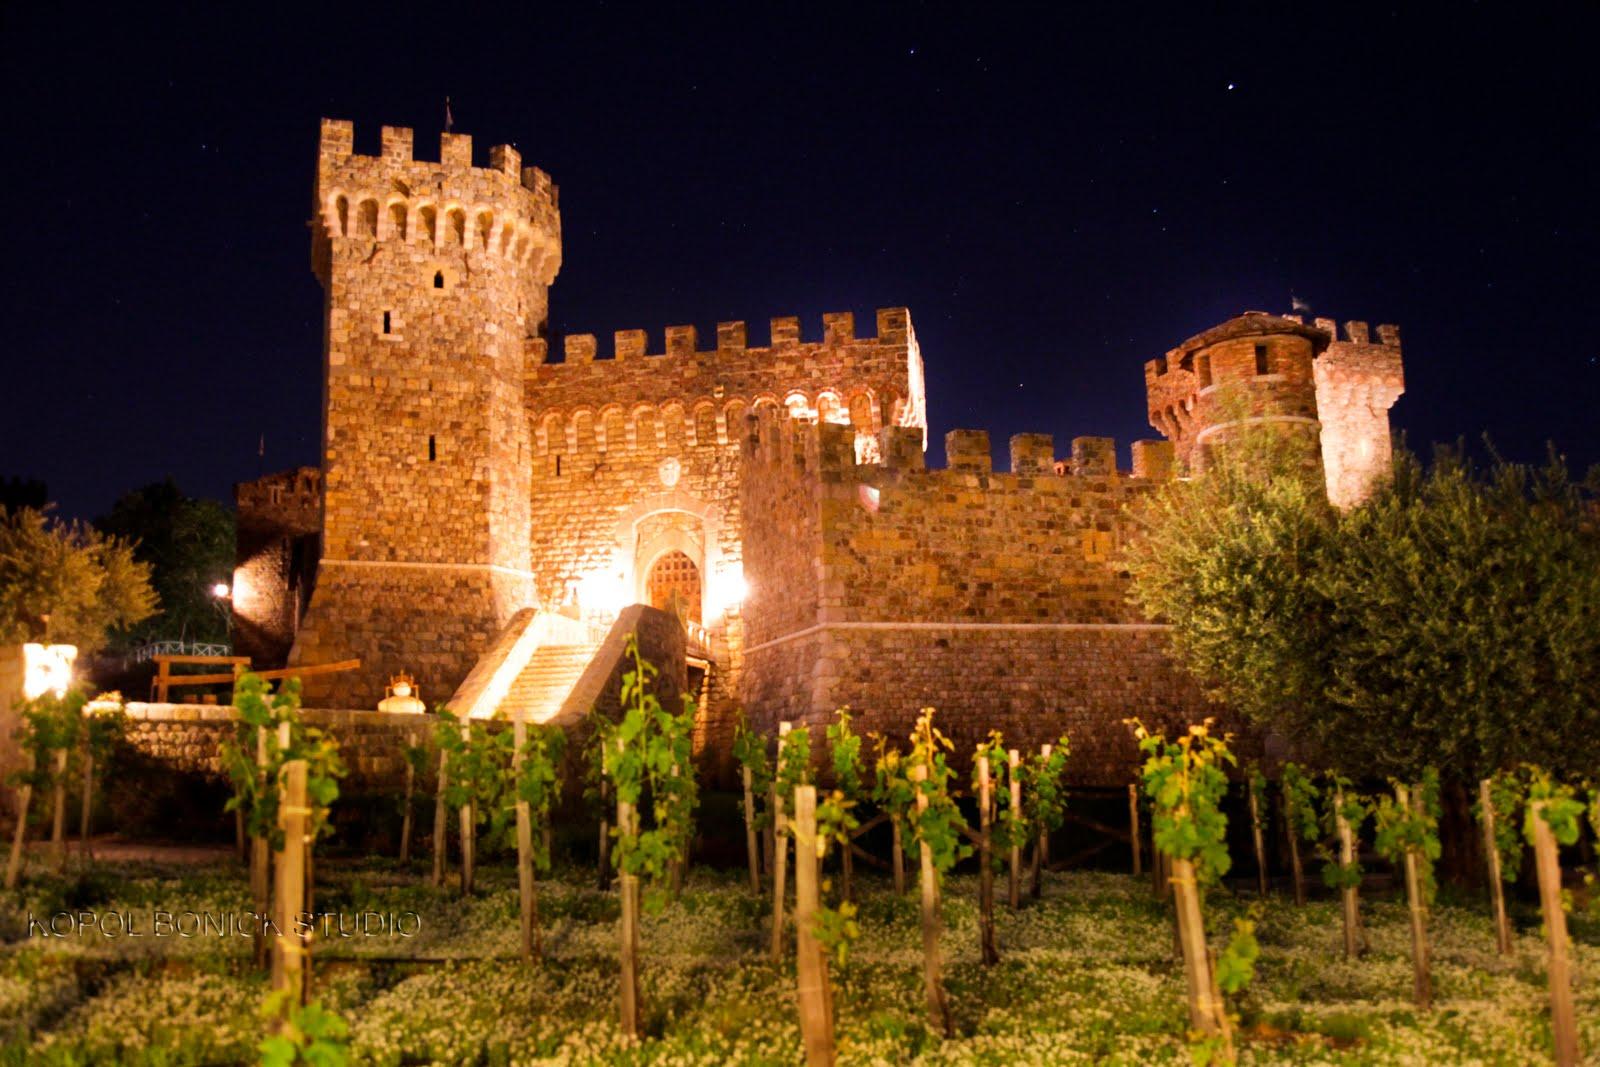 Castello di Amorosa napa wine tour